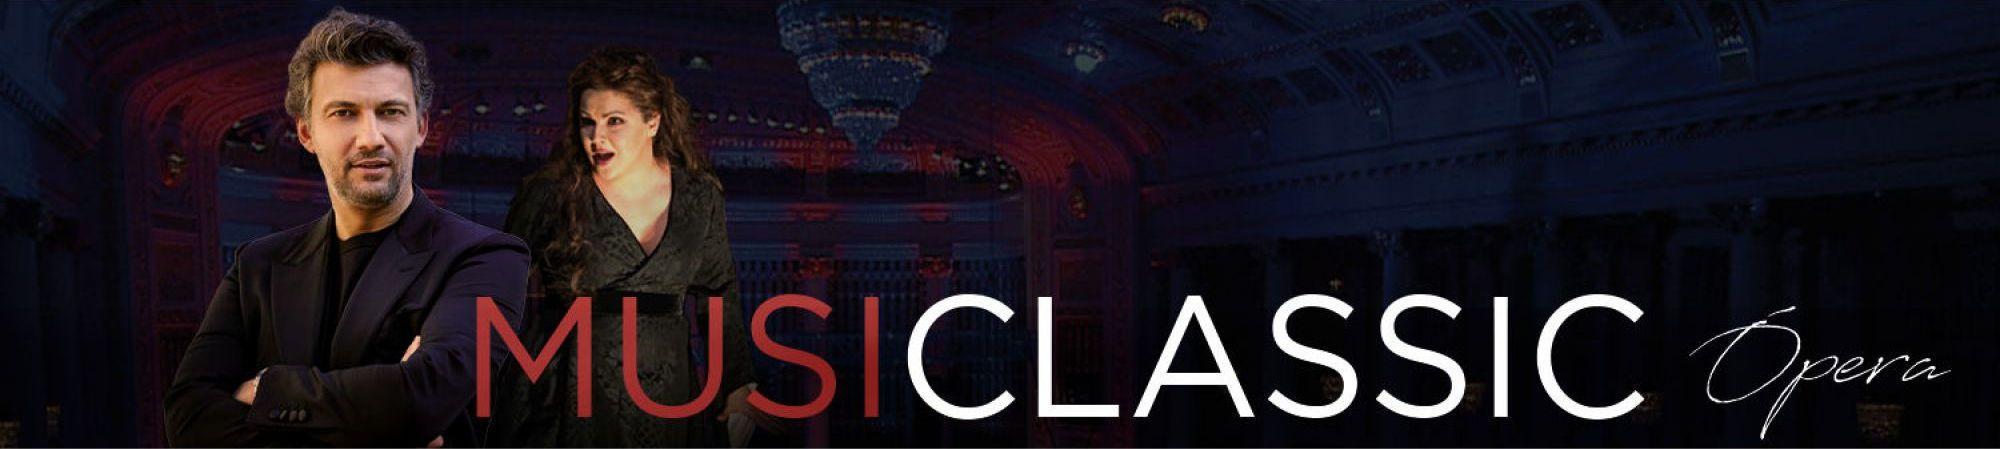 Musiclassic 10 2020